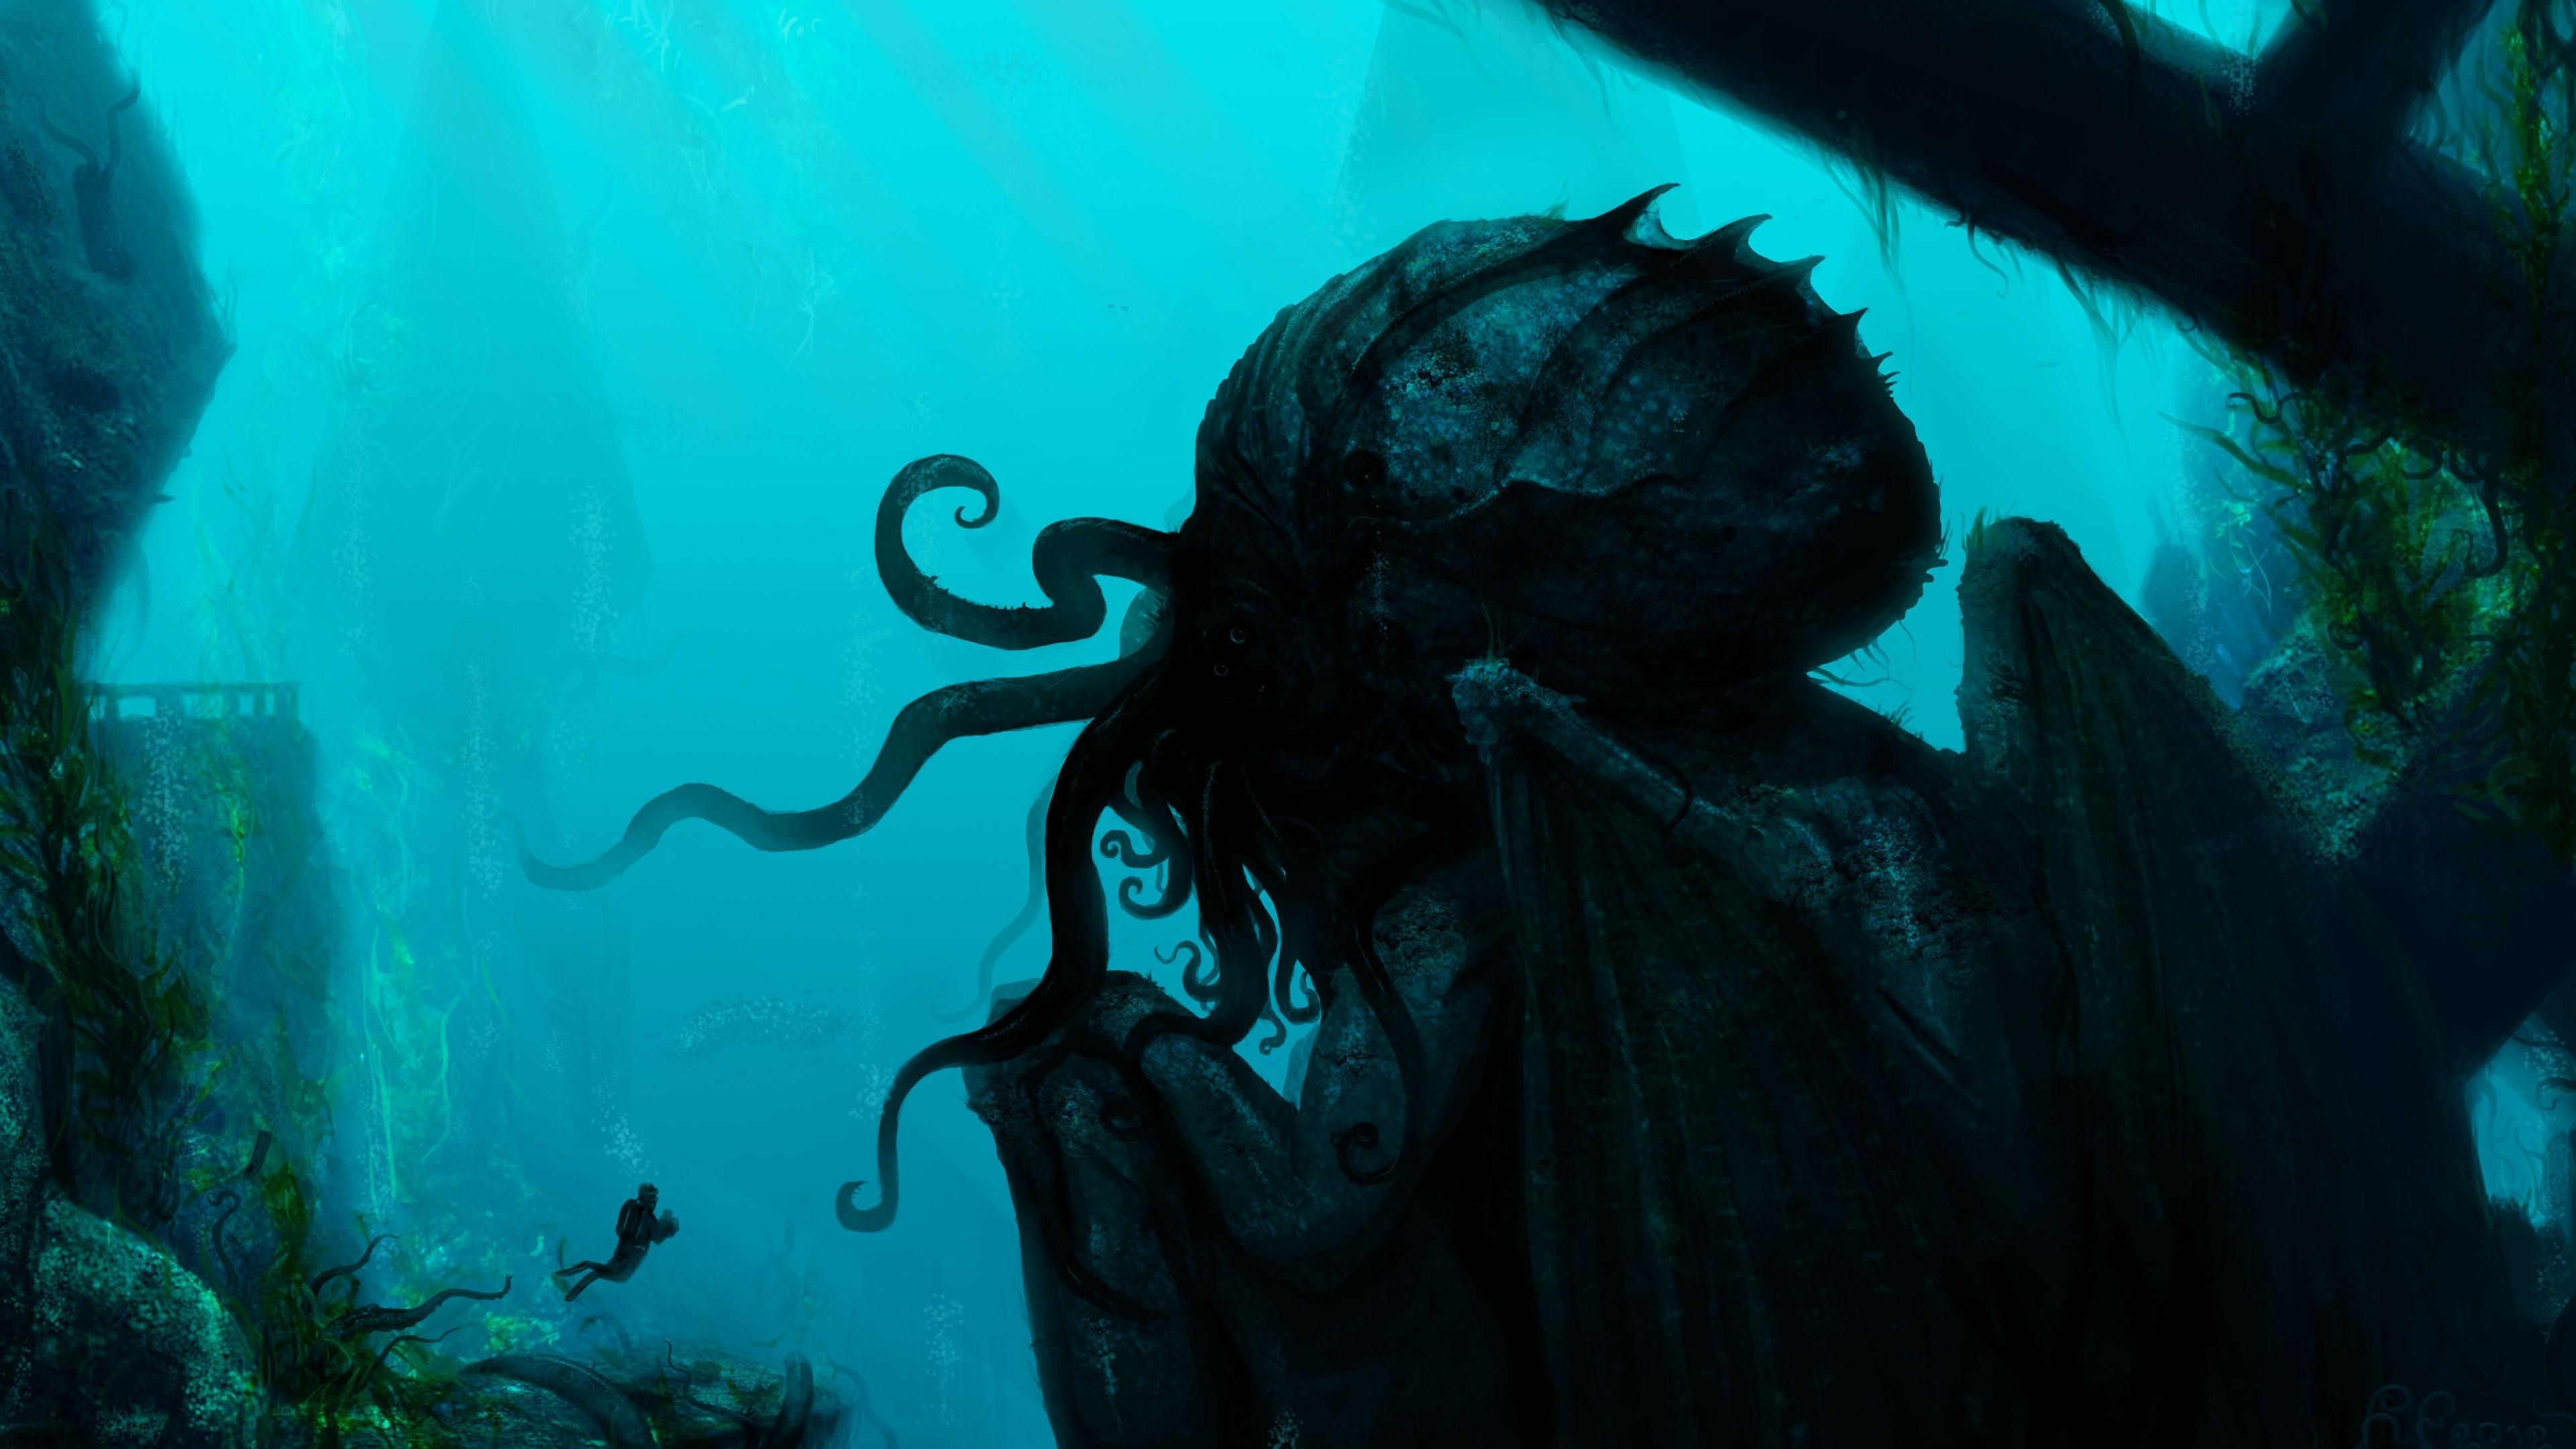 Fond D Ecran Sous Marin H P Lovecraft Cthulhu La Biologie Obscurite Capture D Ecran Biologie Marine Plongee Sous Marine 3840x2160 Liuchengfeng 164382 Fond D Ecran Wallhere